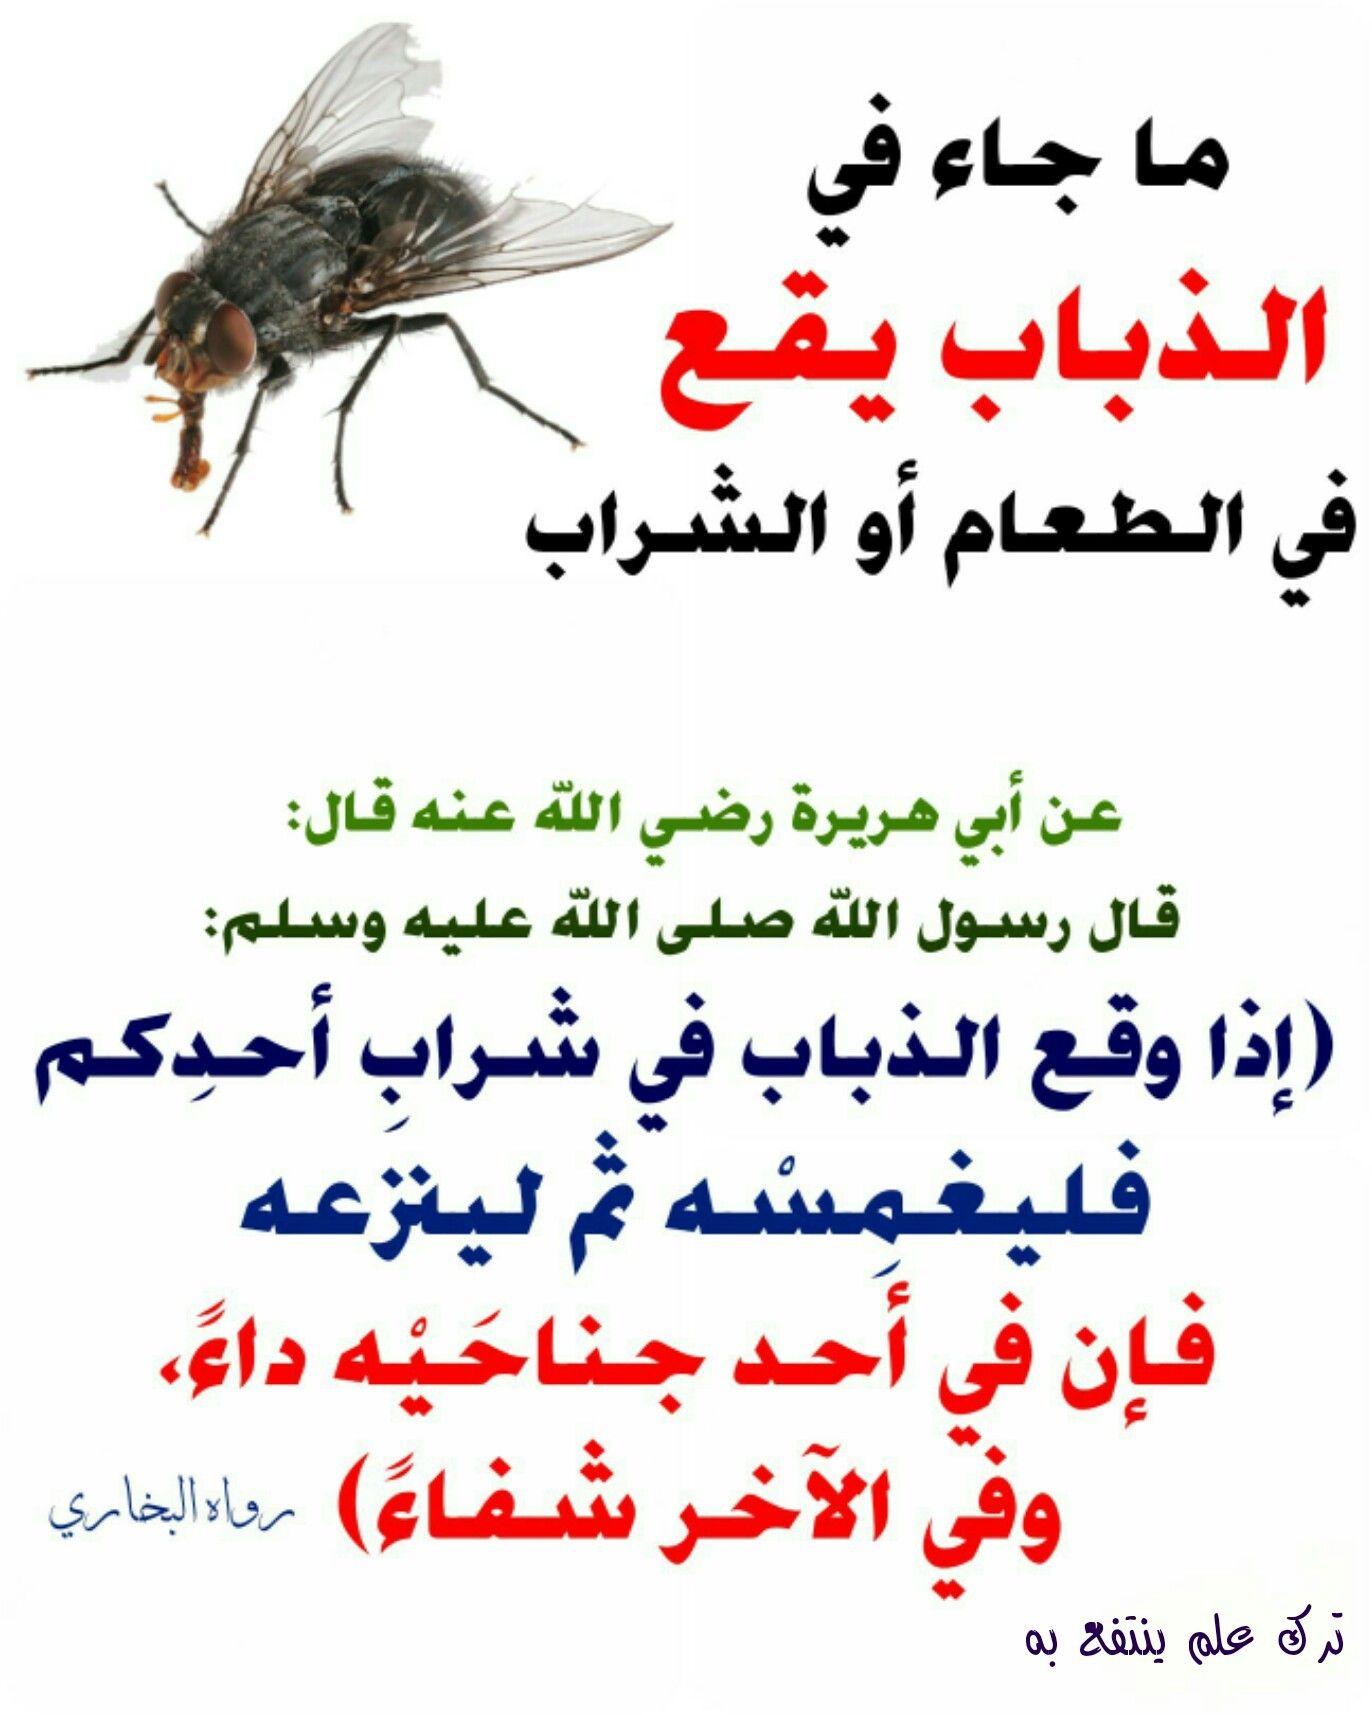 الذباب يقع في الطعام او الشراب Islam Facts Islam Facts